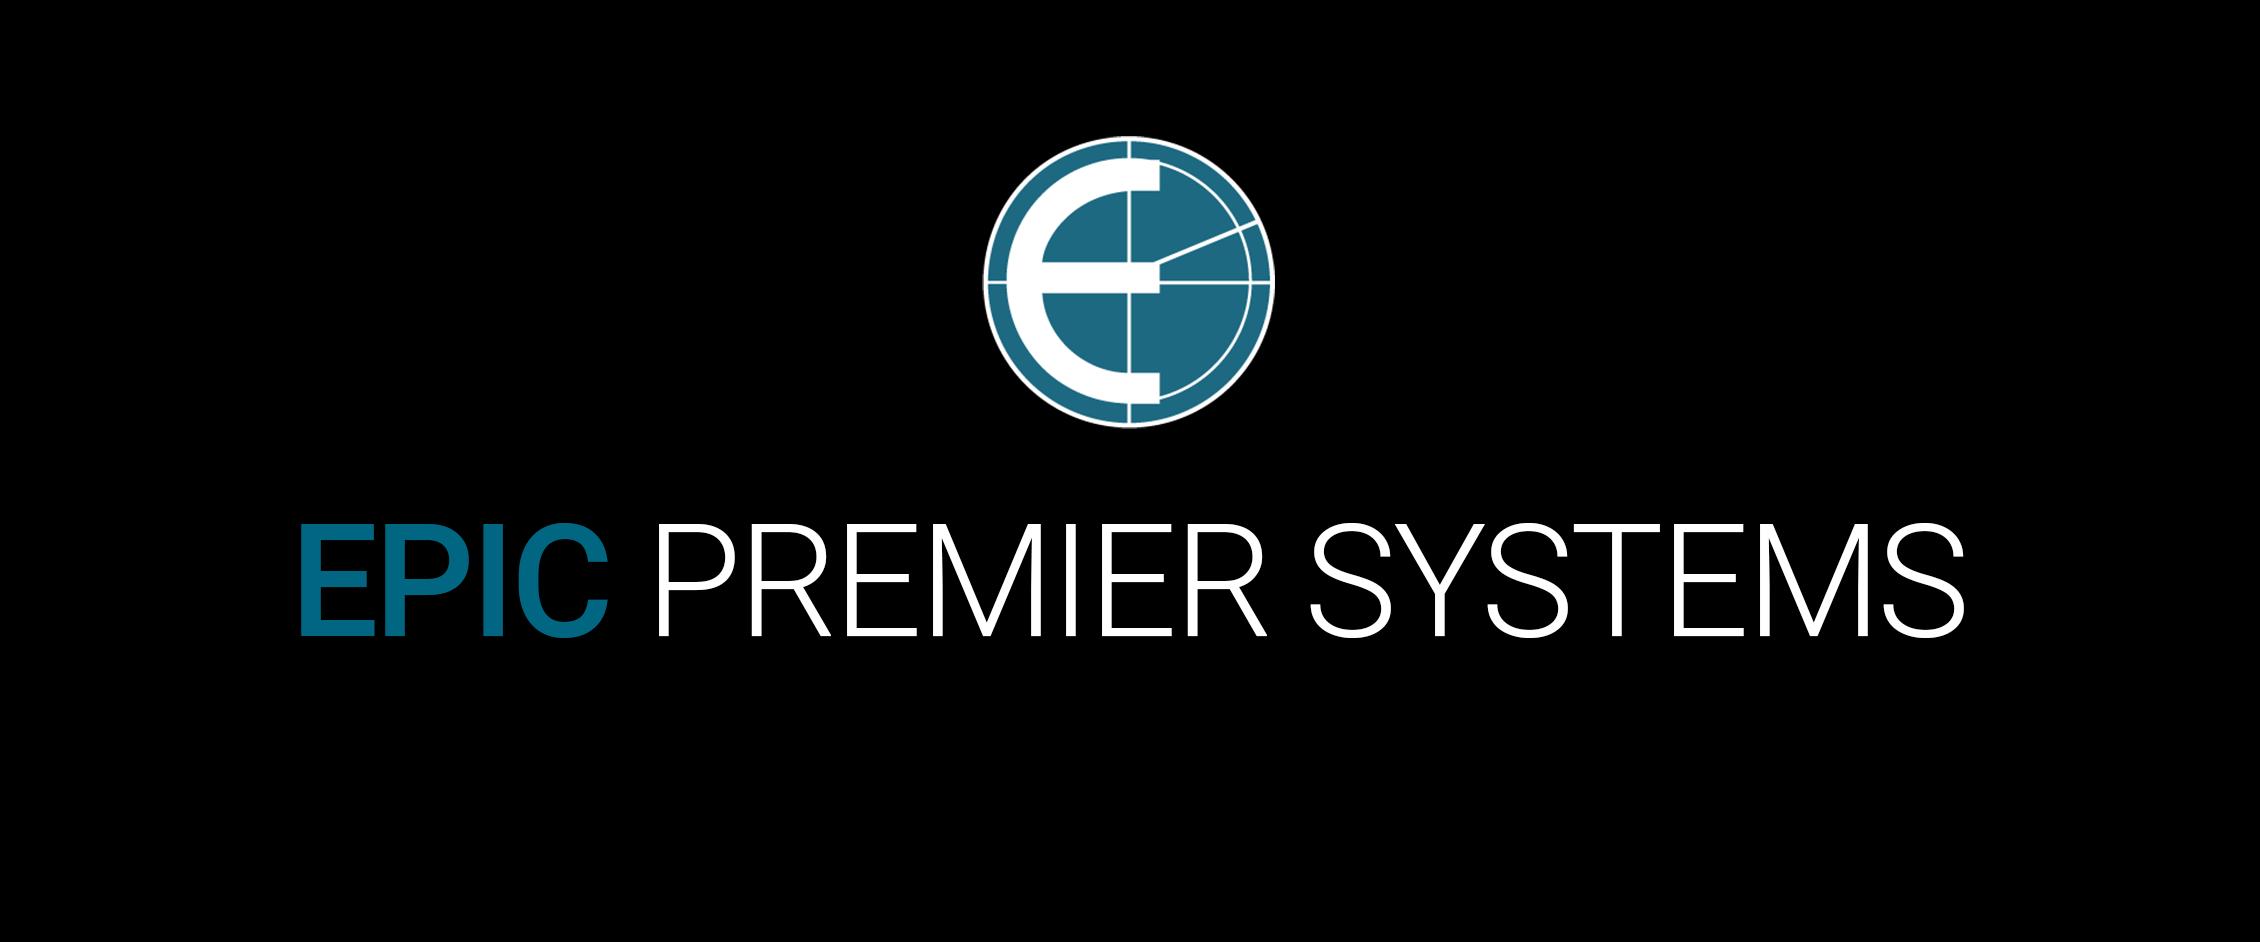 SLIDE-PREMIER-SYSTEM-NAME